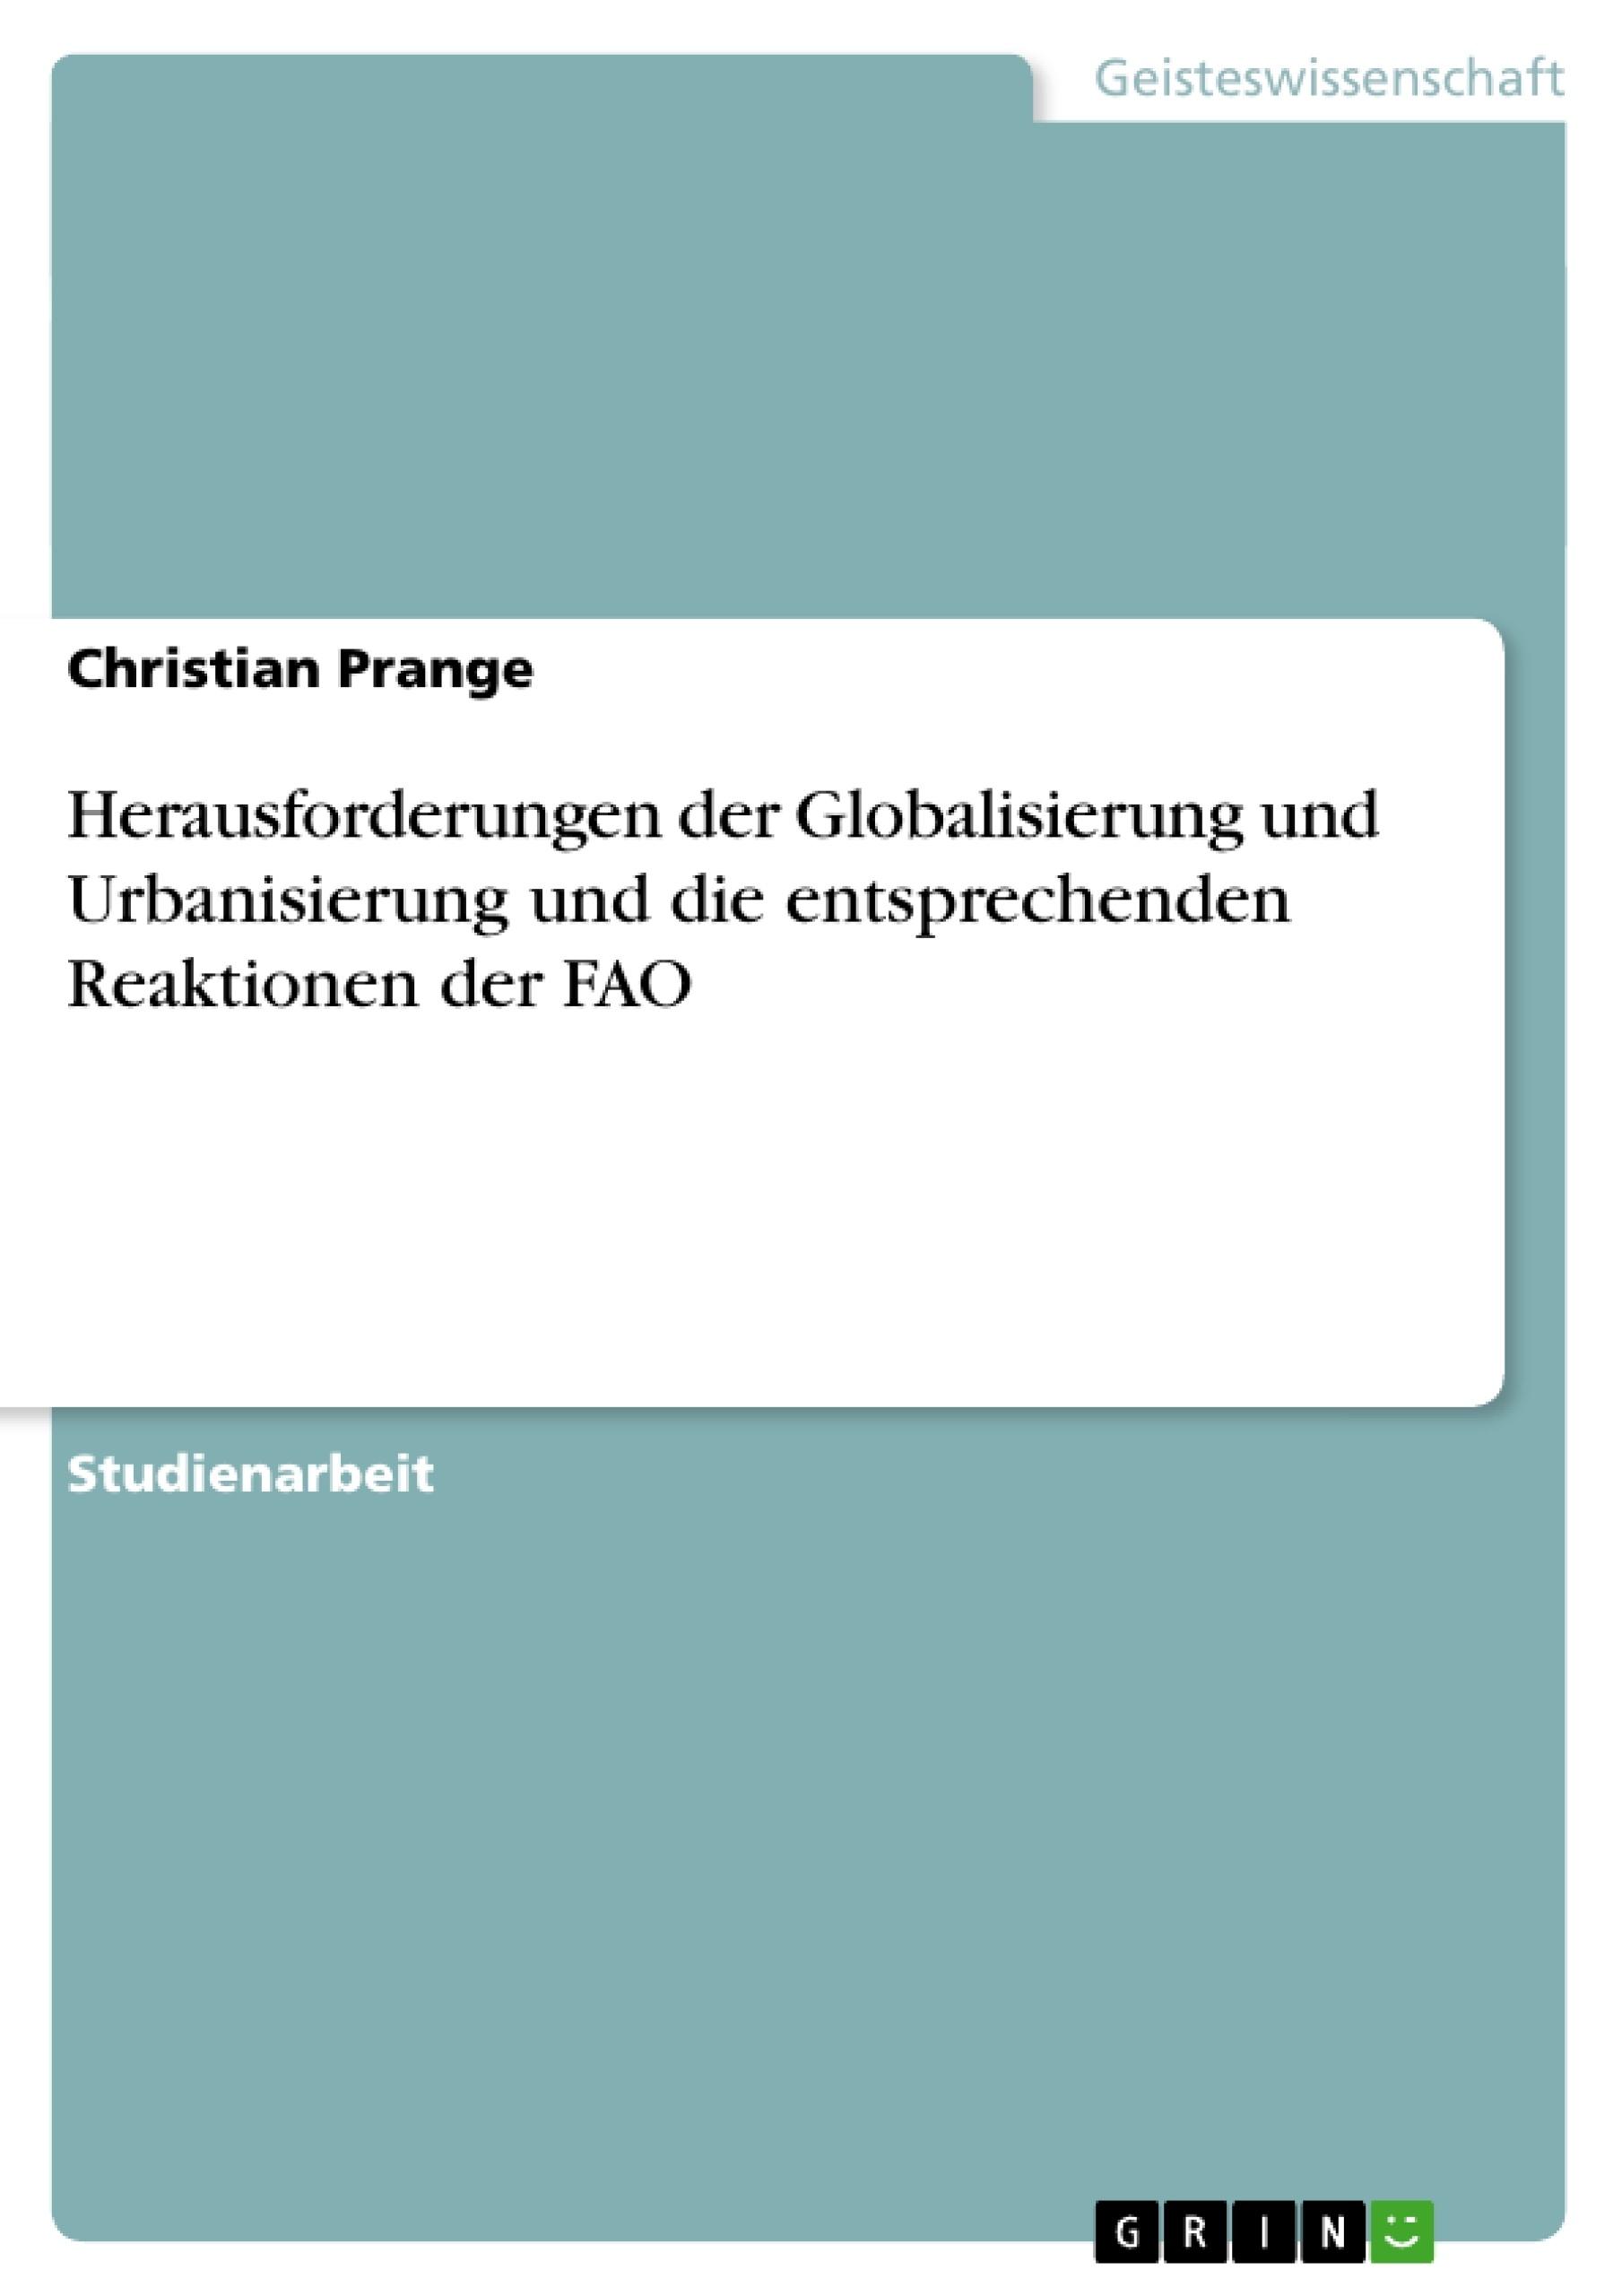 Titel: Herausforderungen der Globalisierung und Urbanisierung und die entsprechenden Reaktionen der FAO